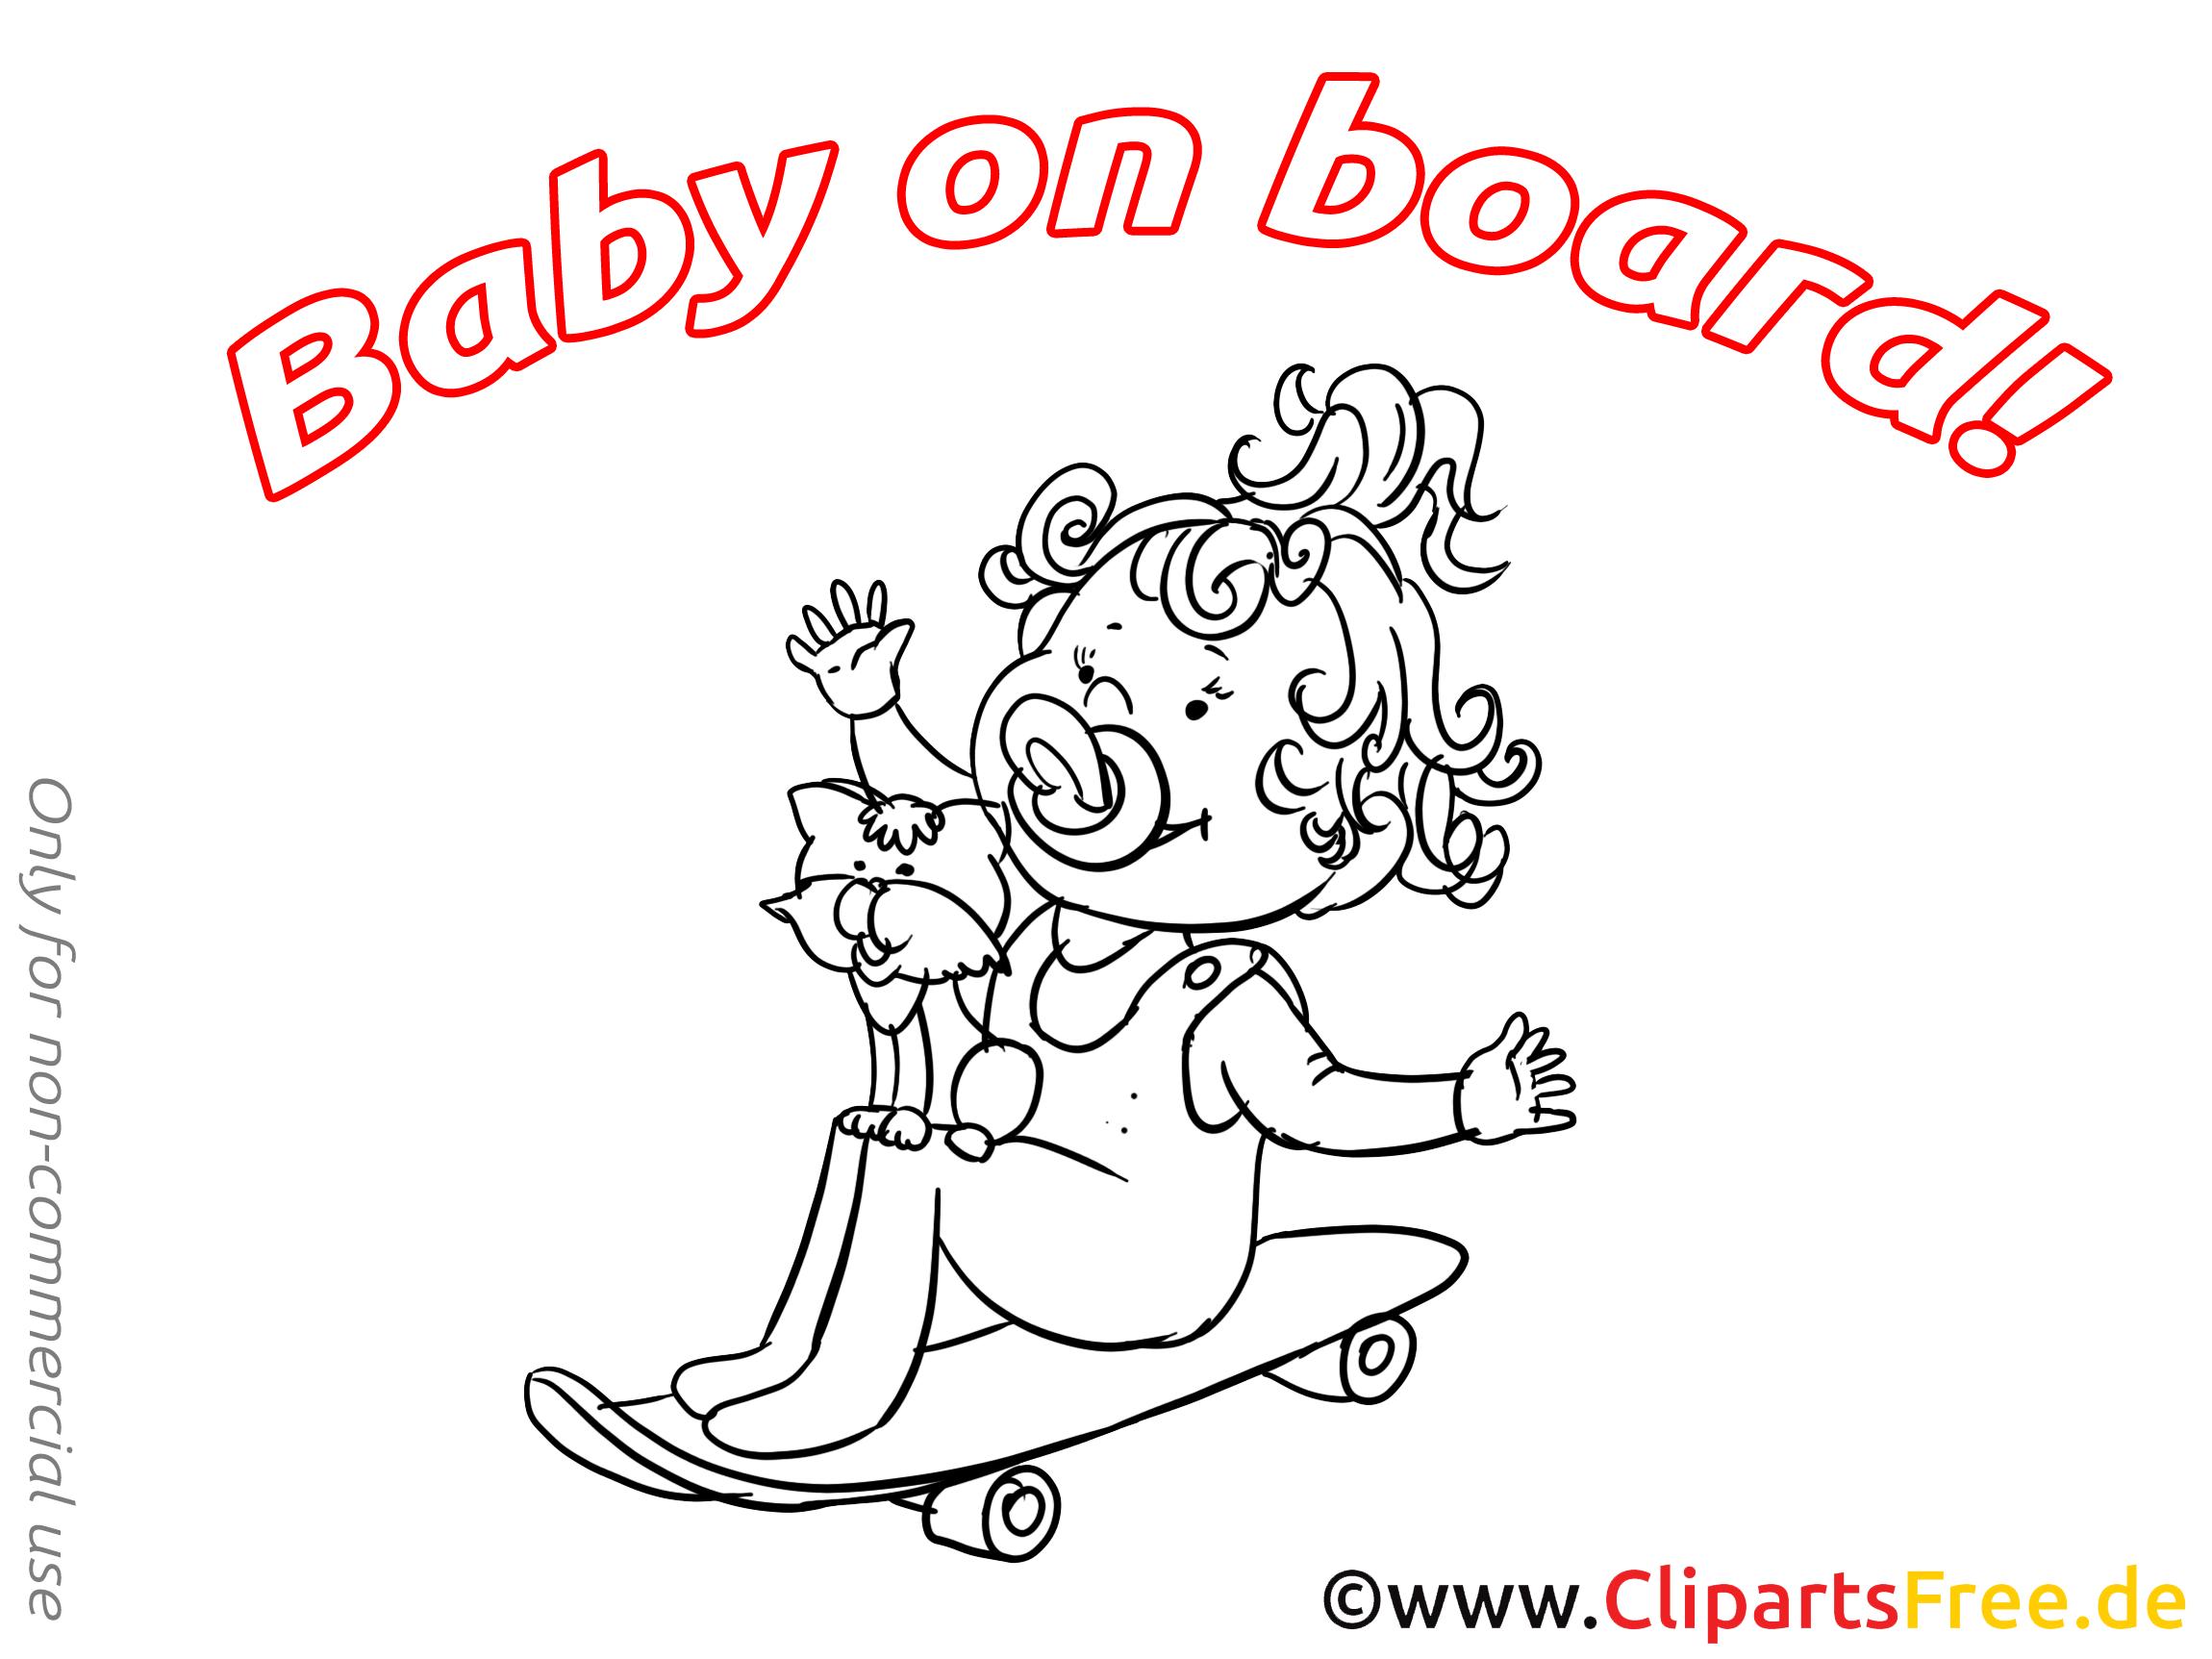 Planche à roulette à colorier – Bébé à bord cliparts